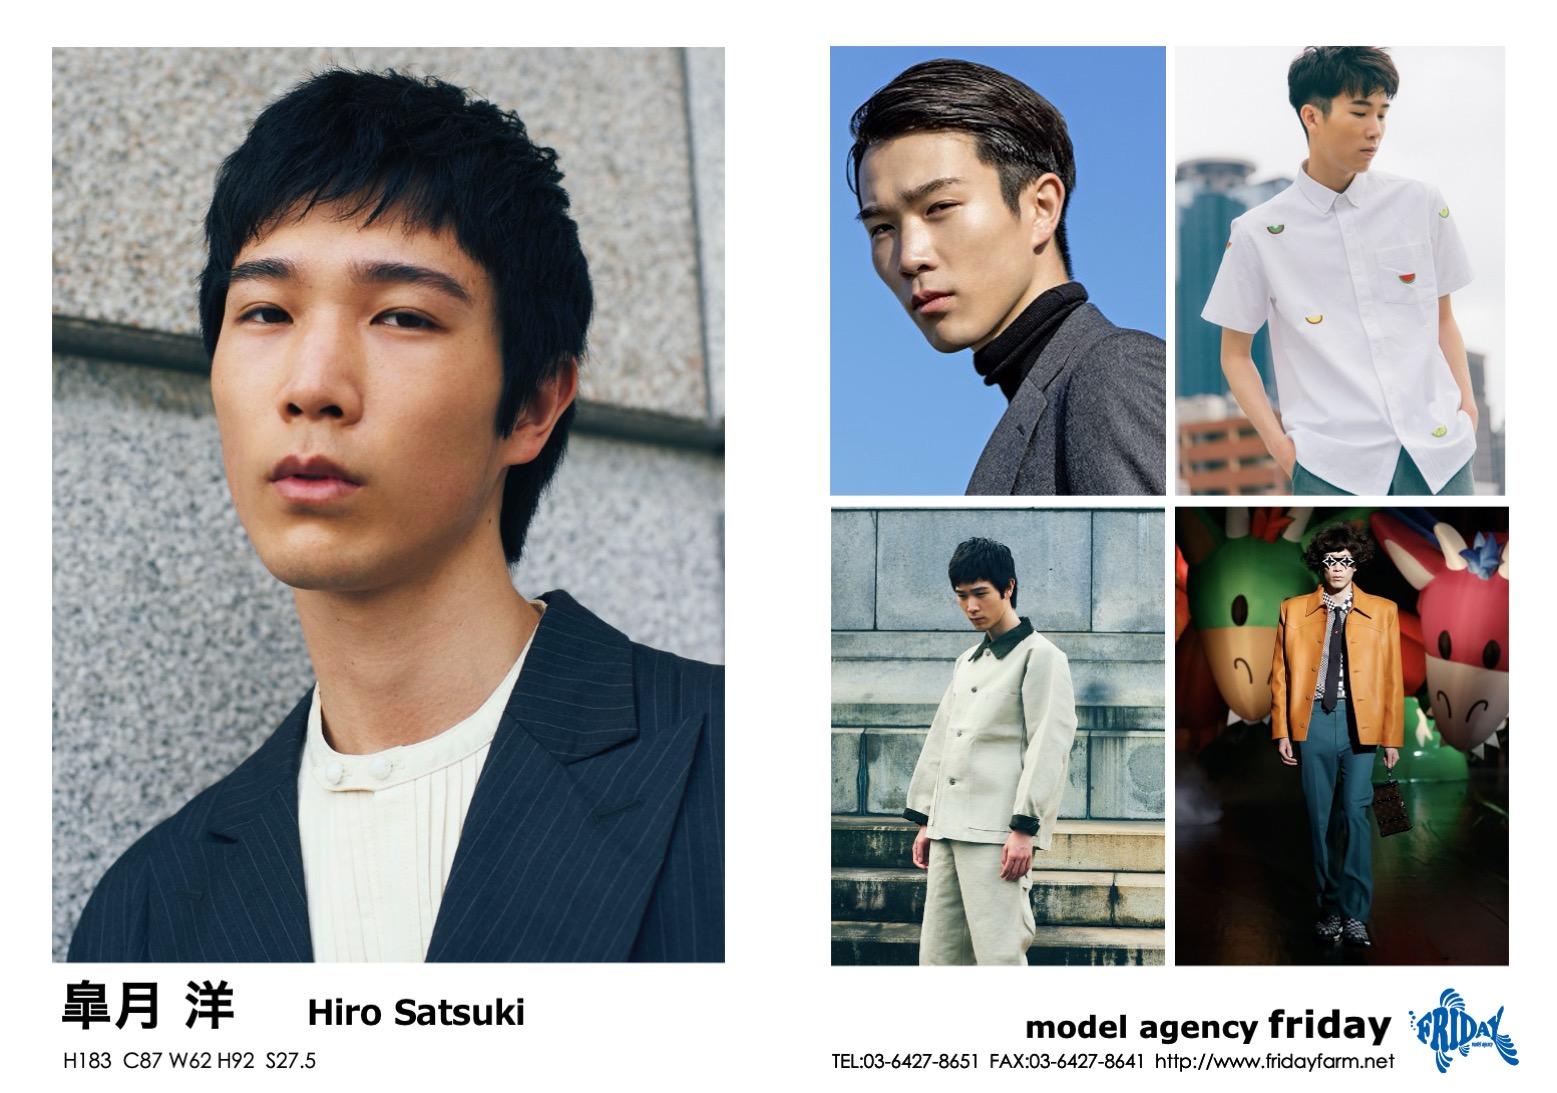 皐月 洋 - Hiro Satsuki   model agency friday